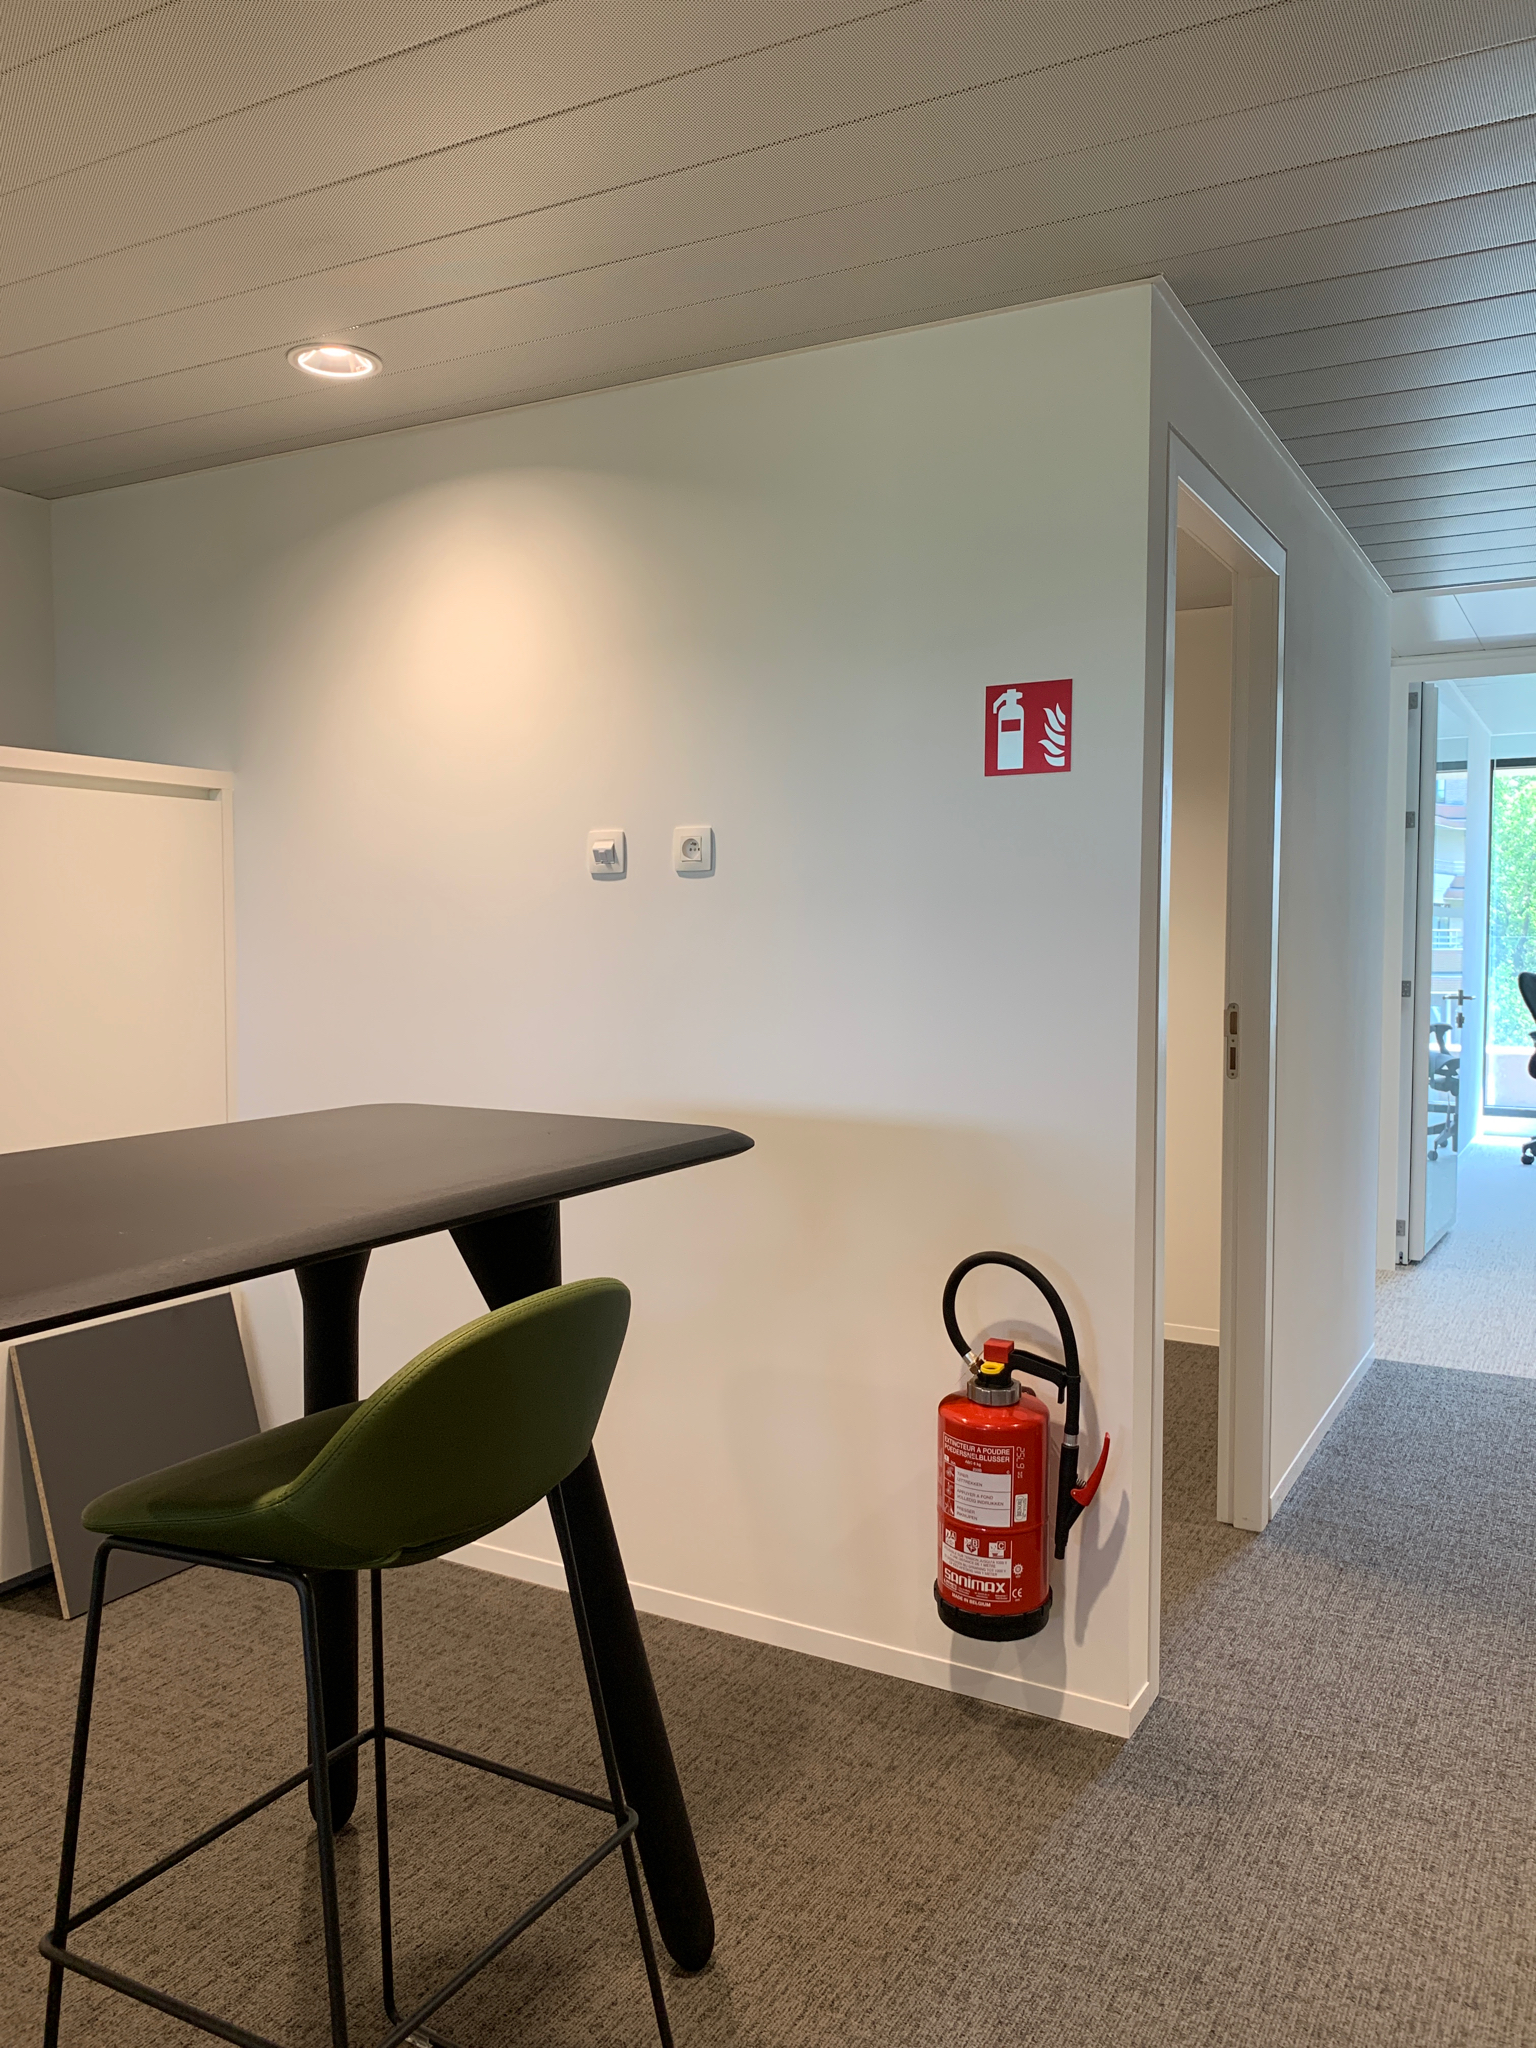 Wayfinding – veiligheidssignalisatie in het gebouw van tervuren by actual sign member of the remotec group